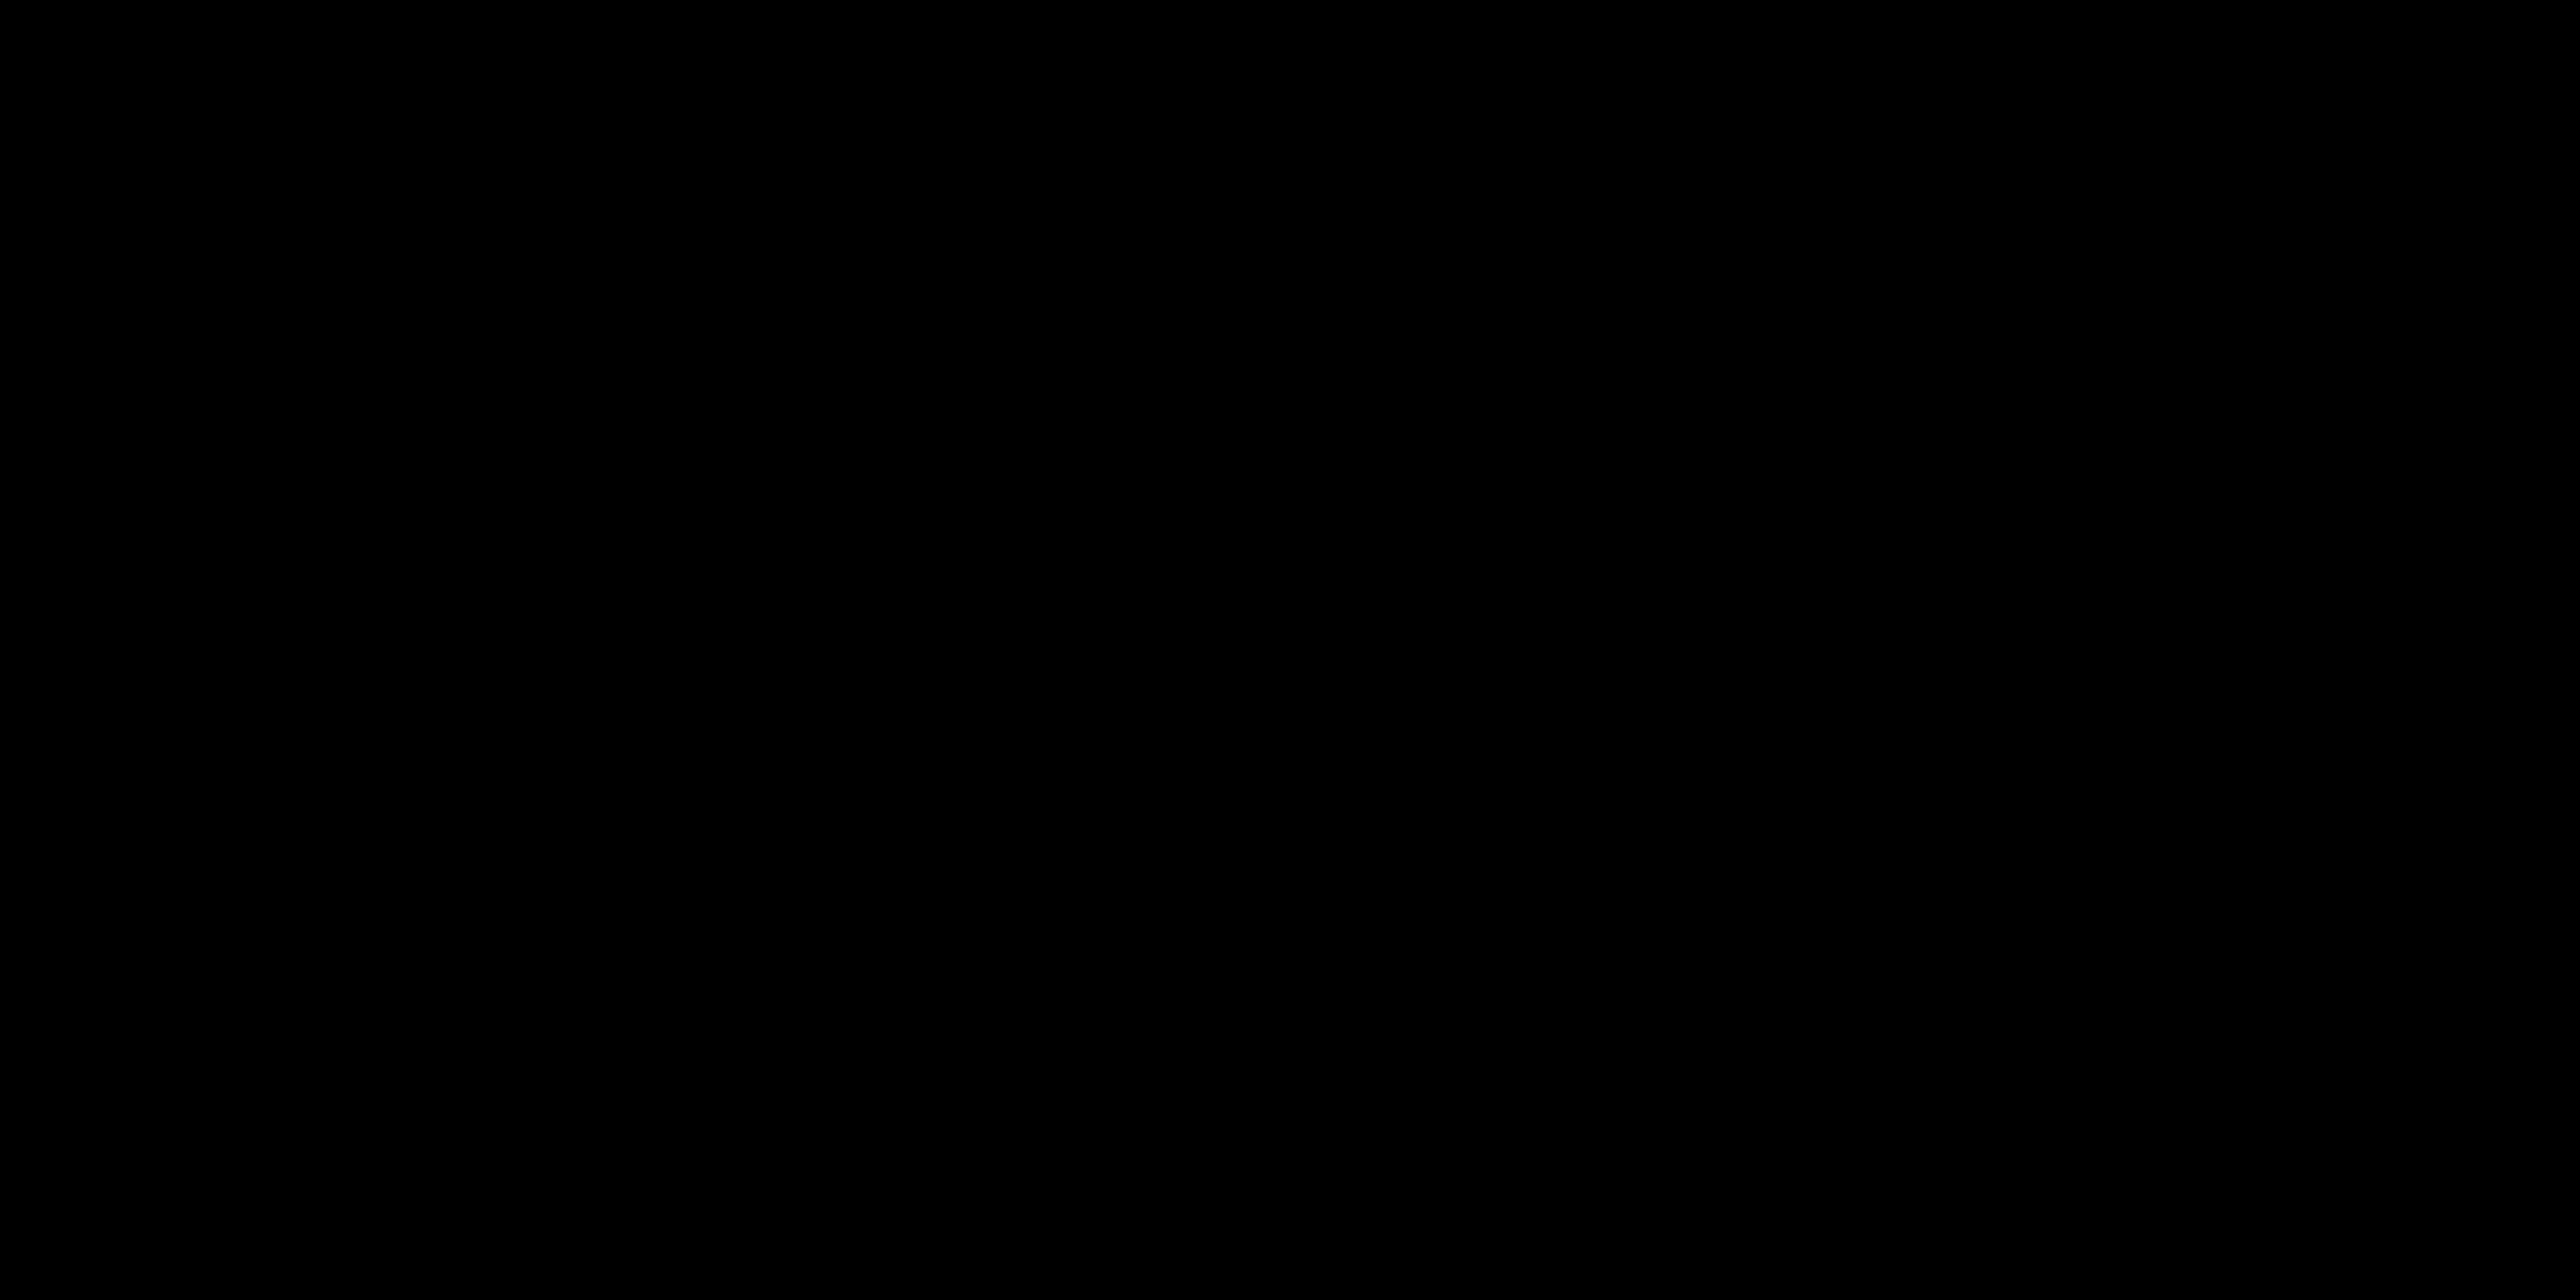 Укрощение Горыныча, или Декомпиляция eBPF в Ghidra - 1